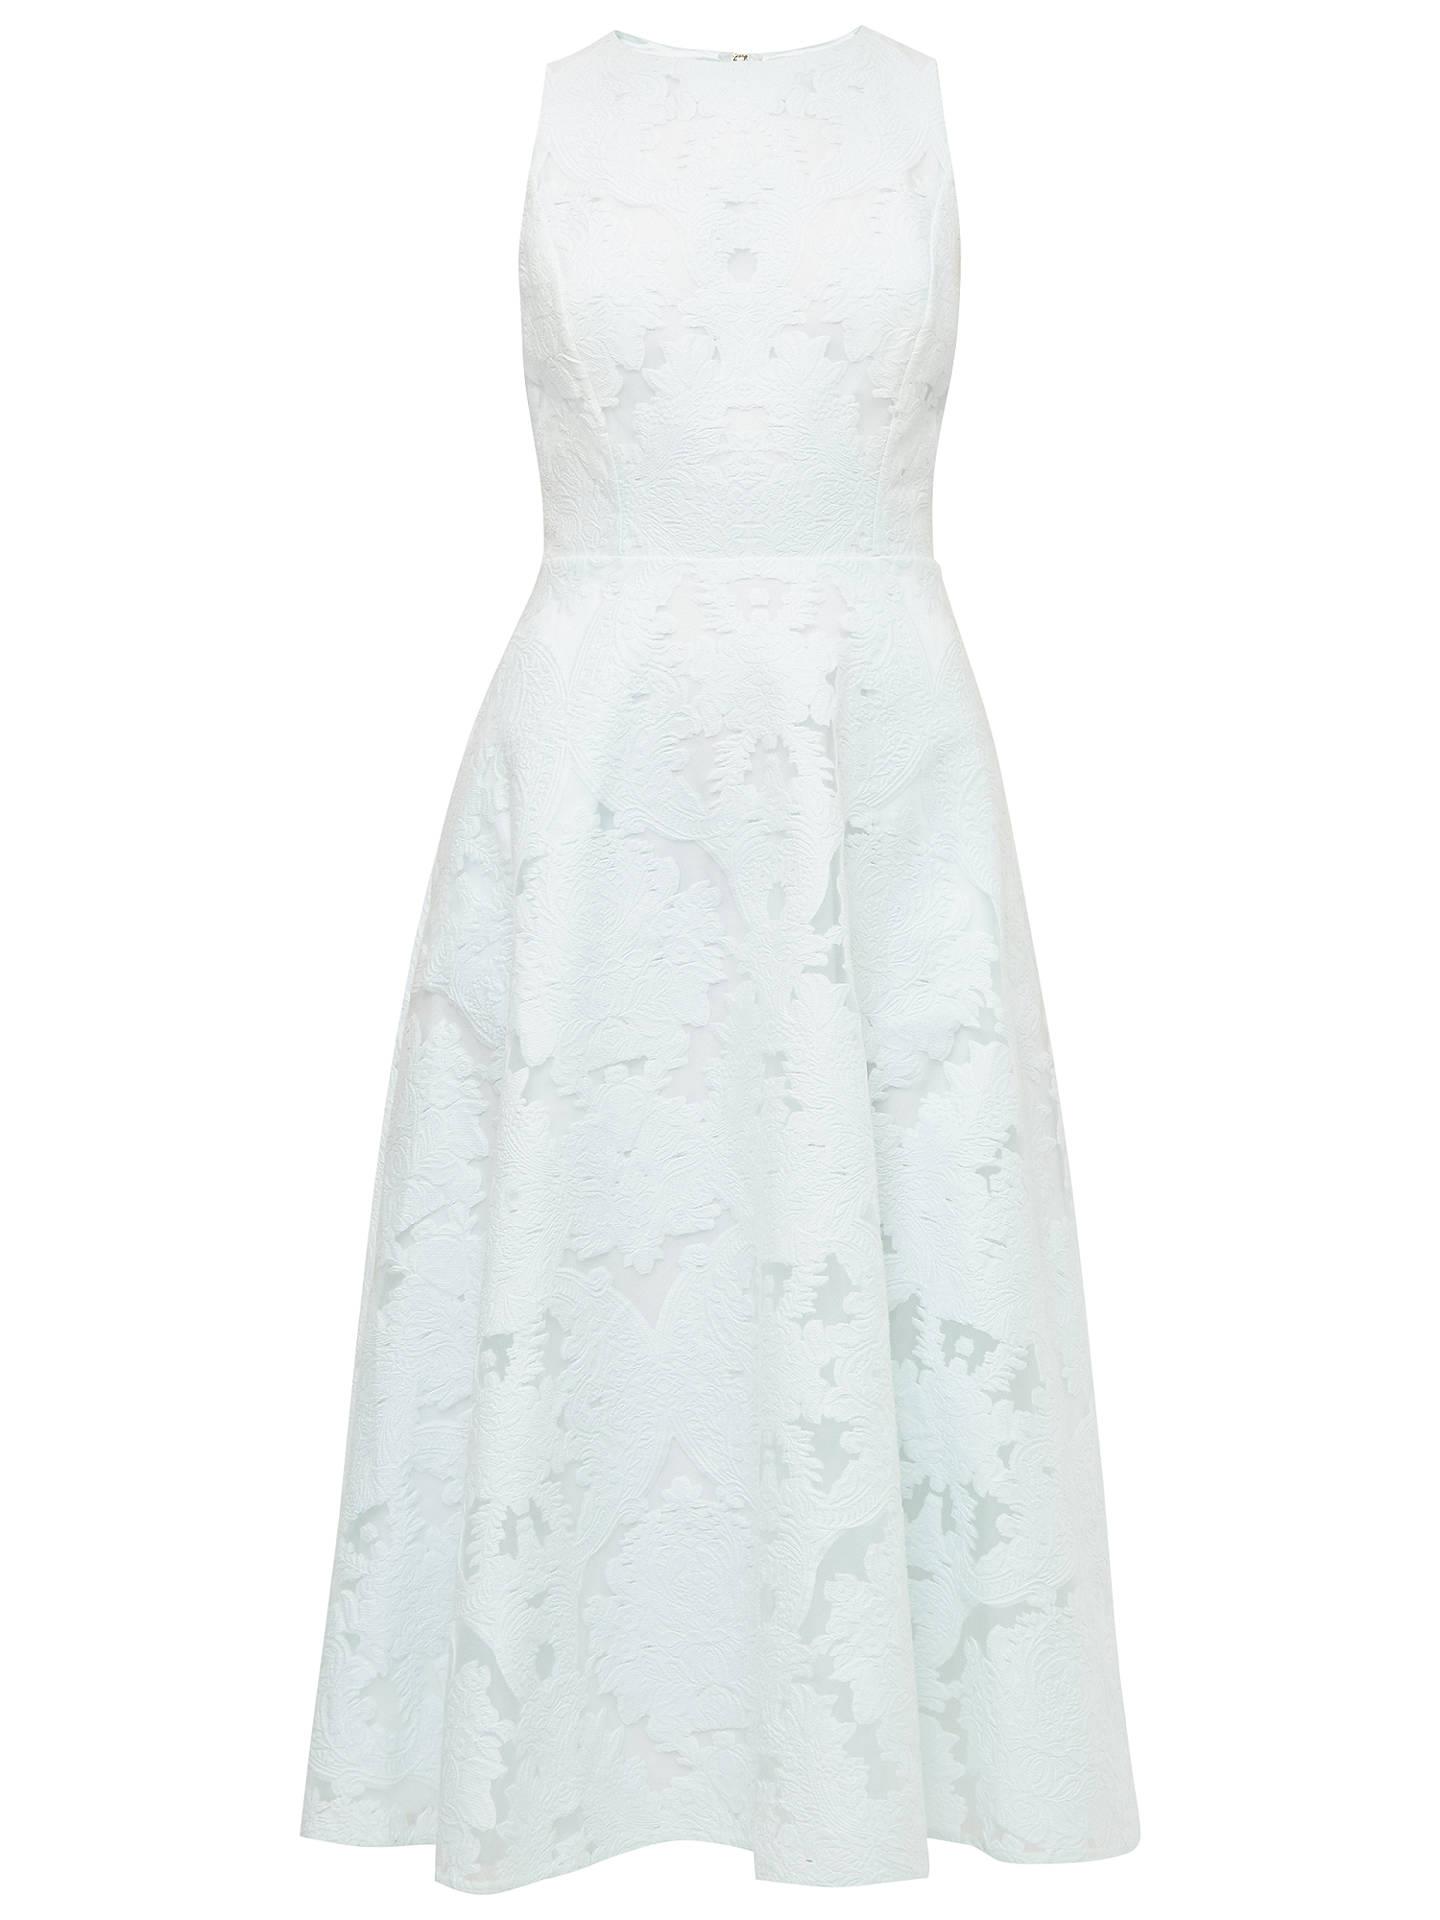 293e9a1bb76edc Buy Ted Baker Roshi Burnout Jacquard Midi Dress